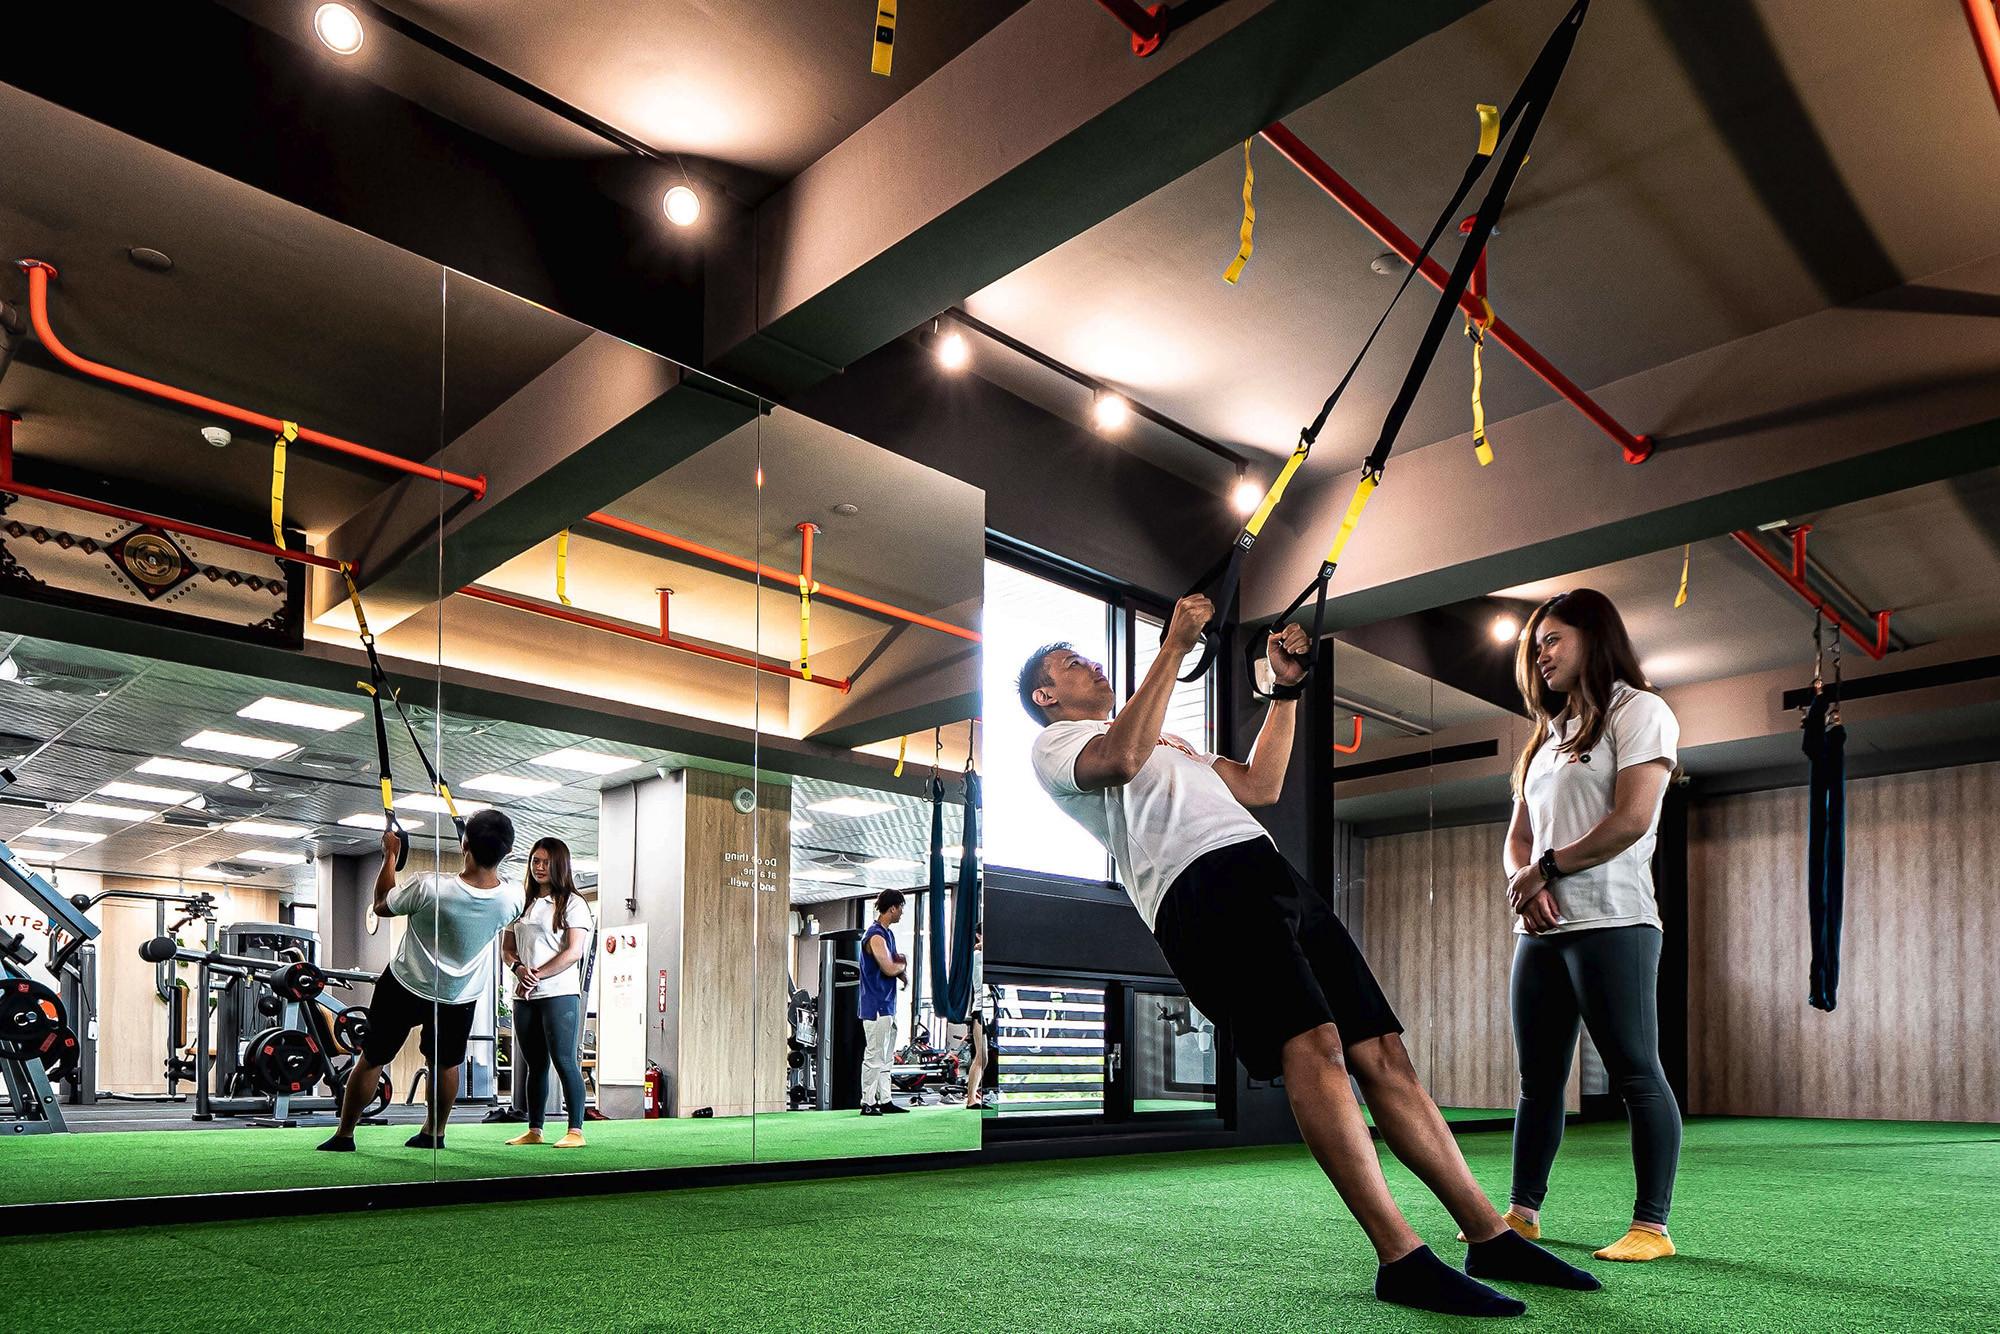 嘉義健身房室內空間設計-TRX懸吊運動環境|塔索肌力與體能訓練中心